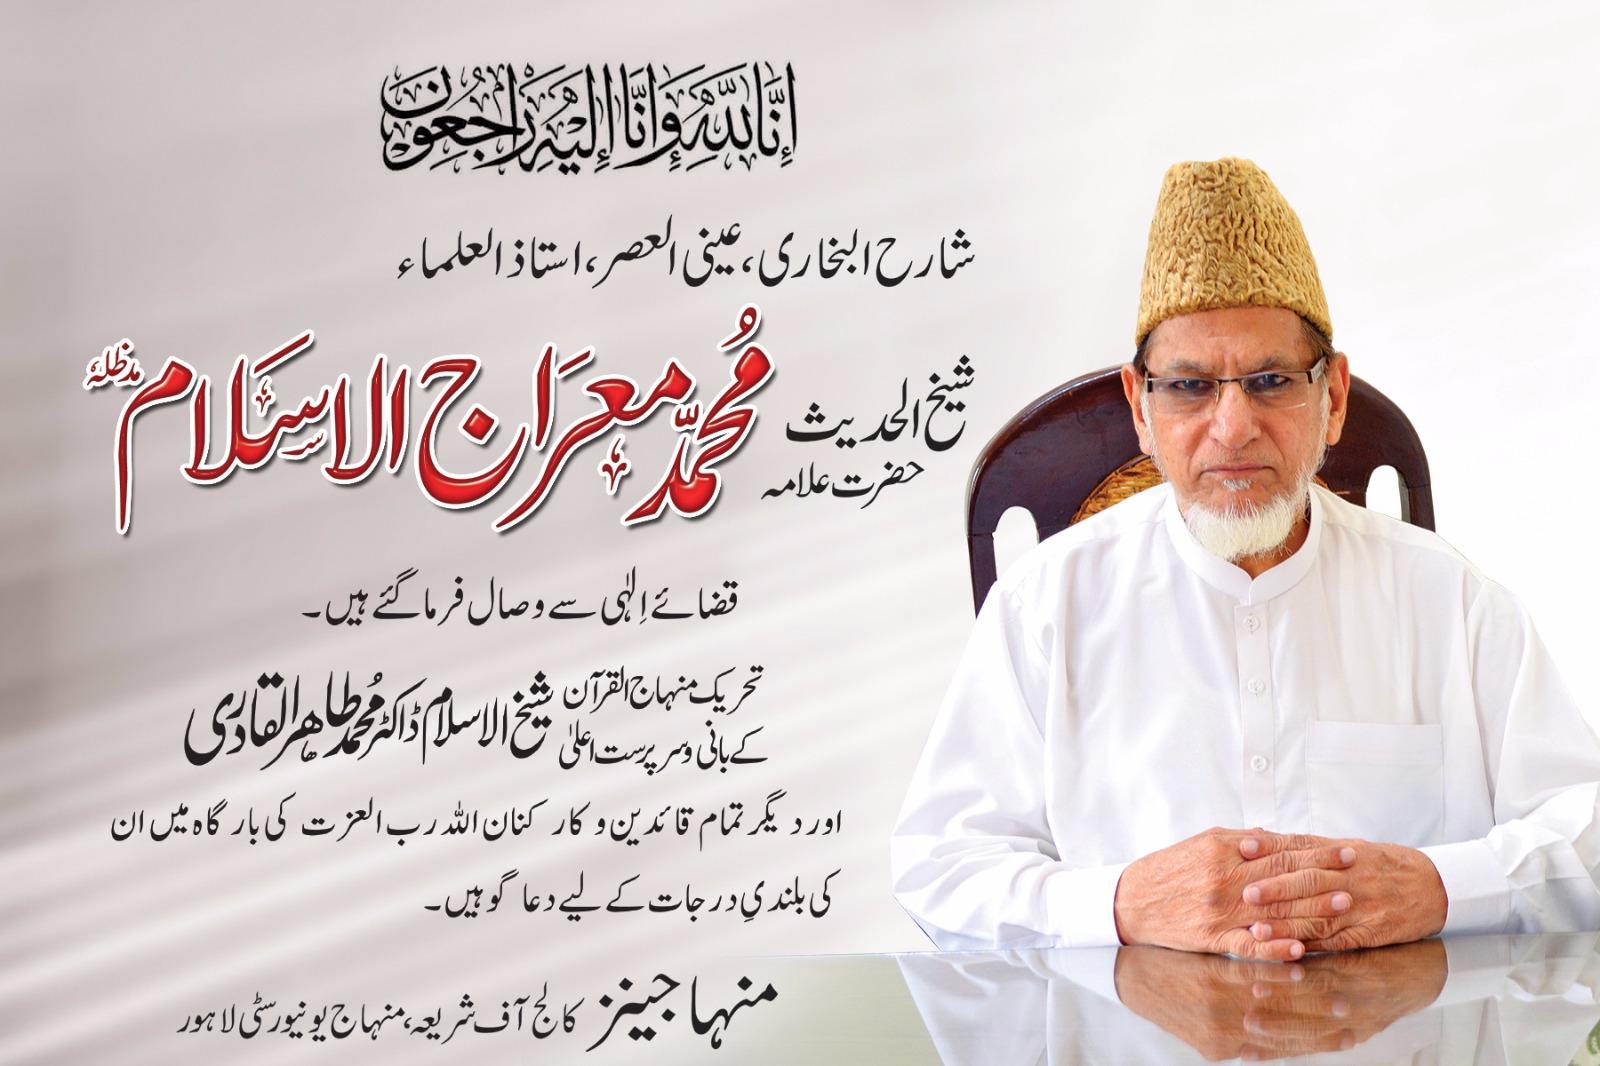 ڈاکٹر طاہرالقادری کا شیخ الحدیث علامہ محمد معراج الاسلام کے انتقال پر گہرے دکھ اور غم کا اظہار